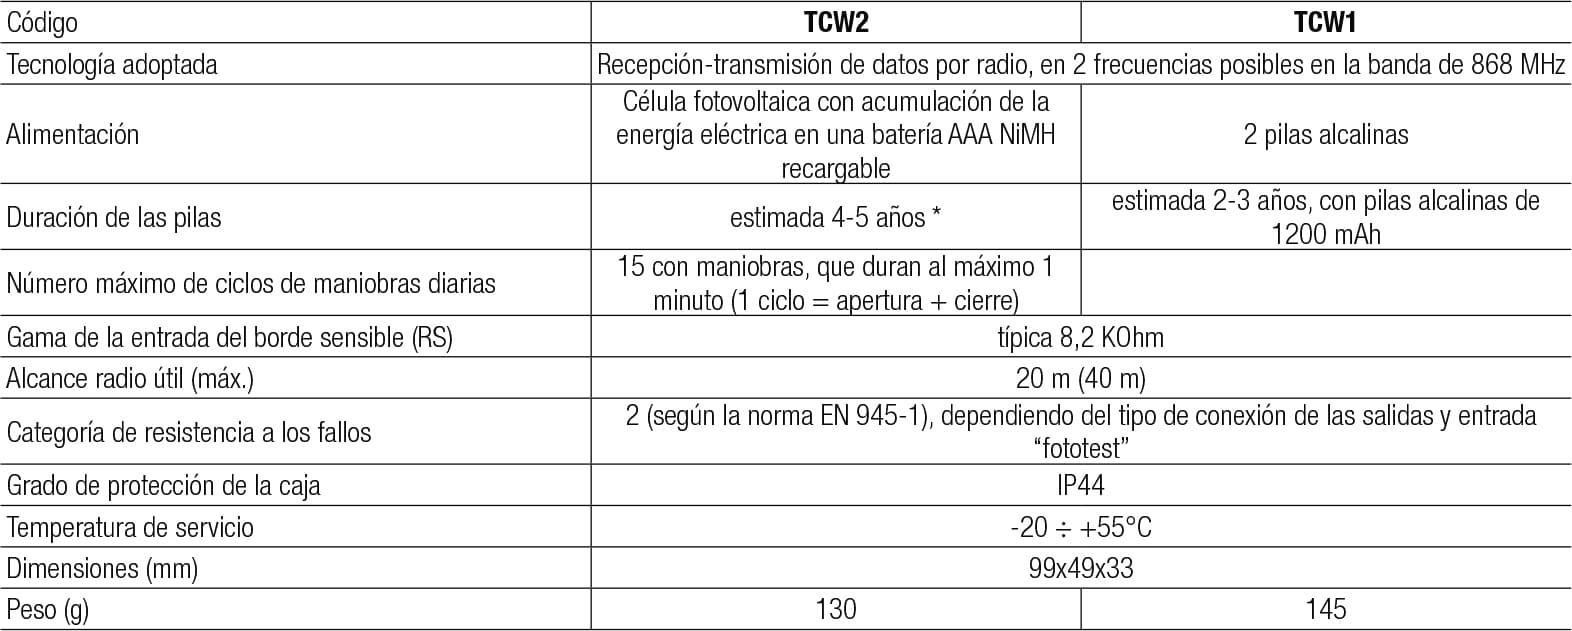 caracteristicas-tcw1-tcw2